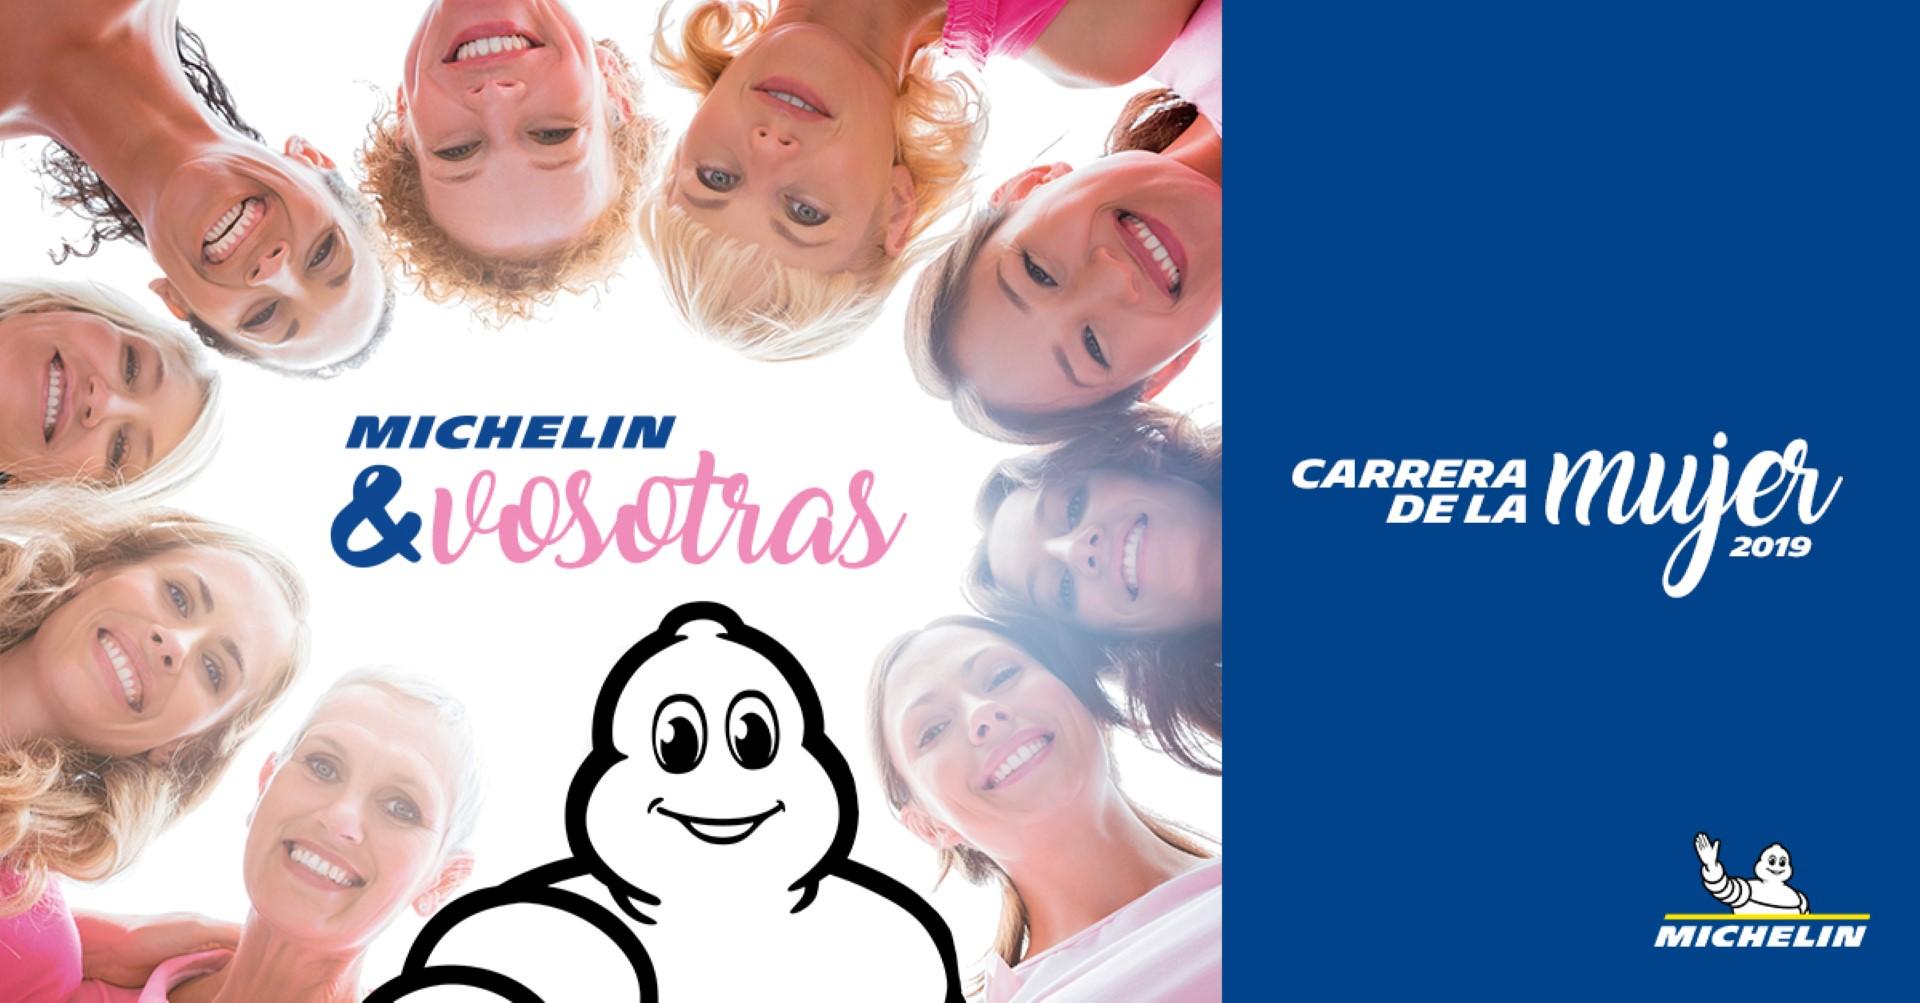 Michelin patrocinará la Carrera de la Mujer 2019